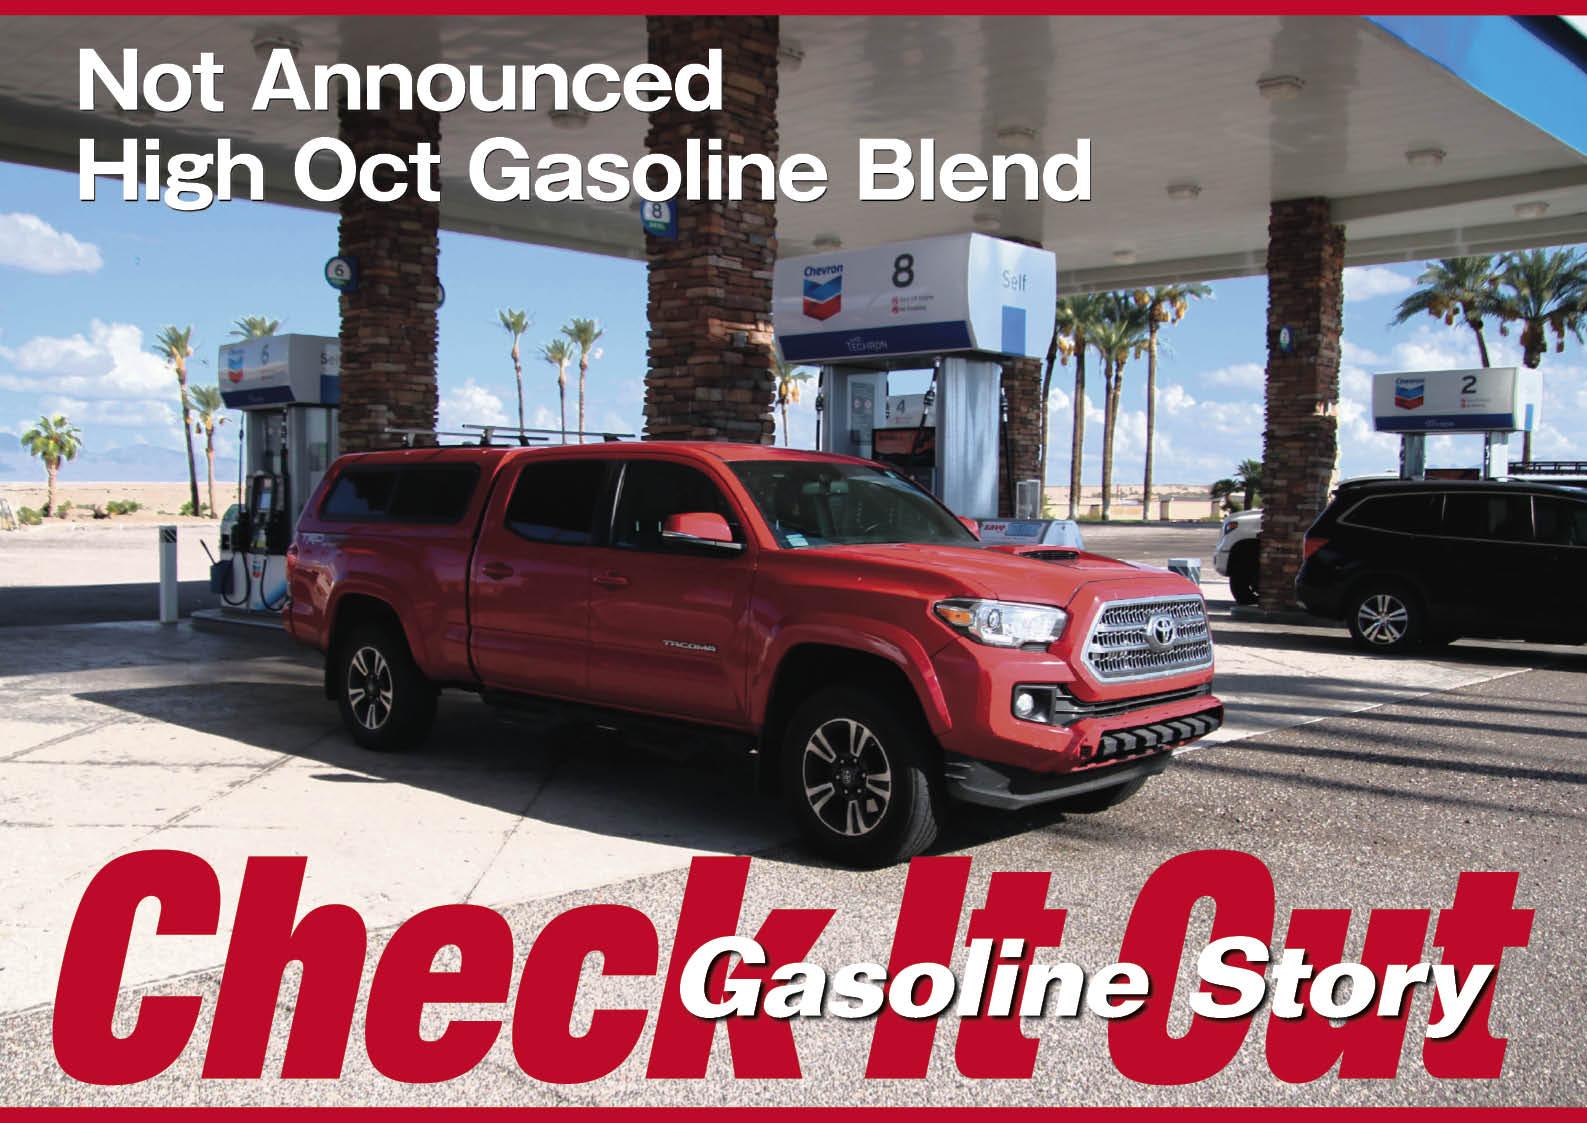 マジか? 石油連盟のトップが証言!「ハイオクガソリンは、どこで買っても中身が同じ」だから、値段で決めるコト!。「安い店で買う」のが、最も正解!(水上バイク)ジェットスキー